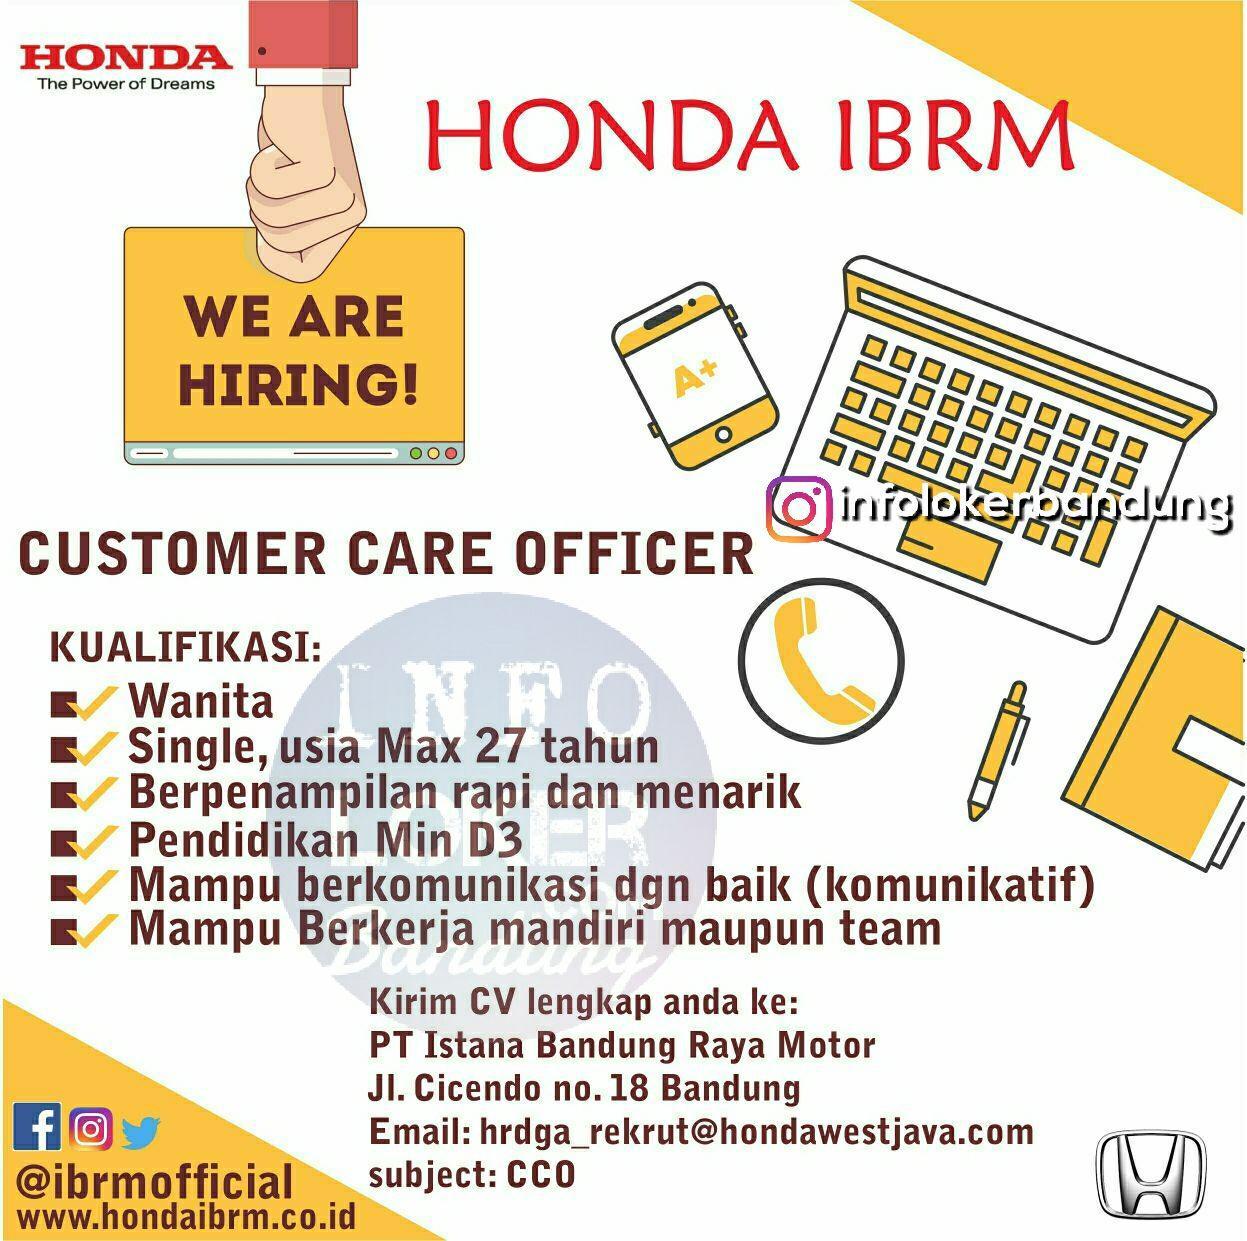 Lowongan Kerja Customer Care Officer Honda IBRM Bandung Februari 2018